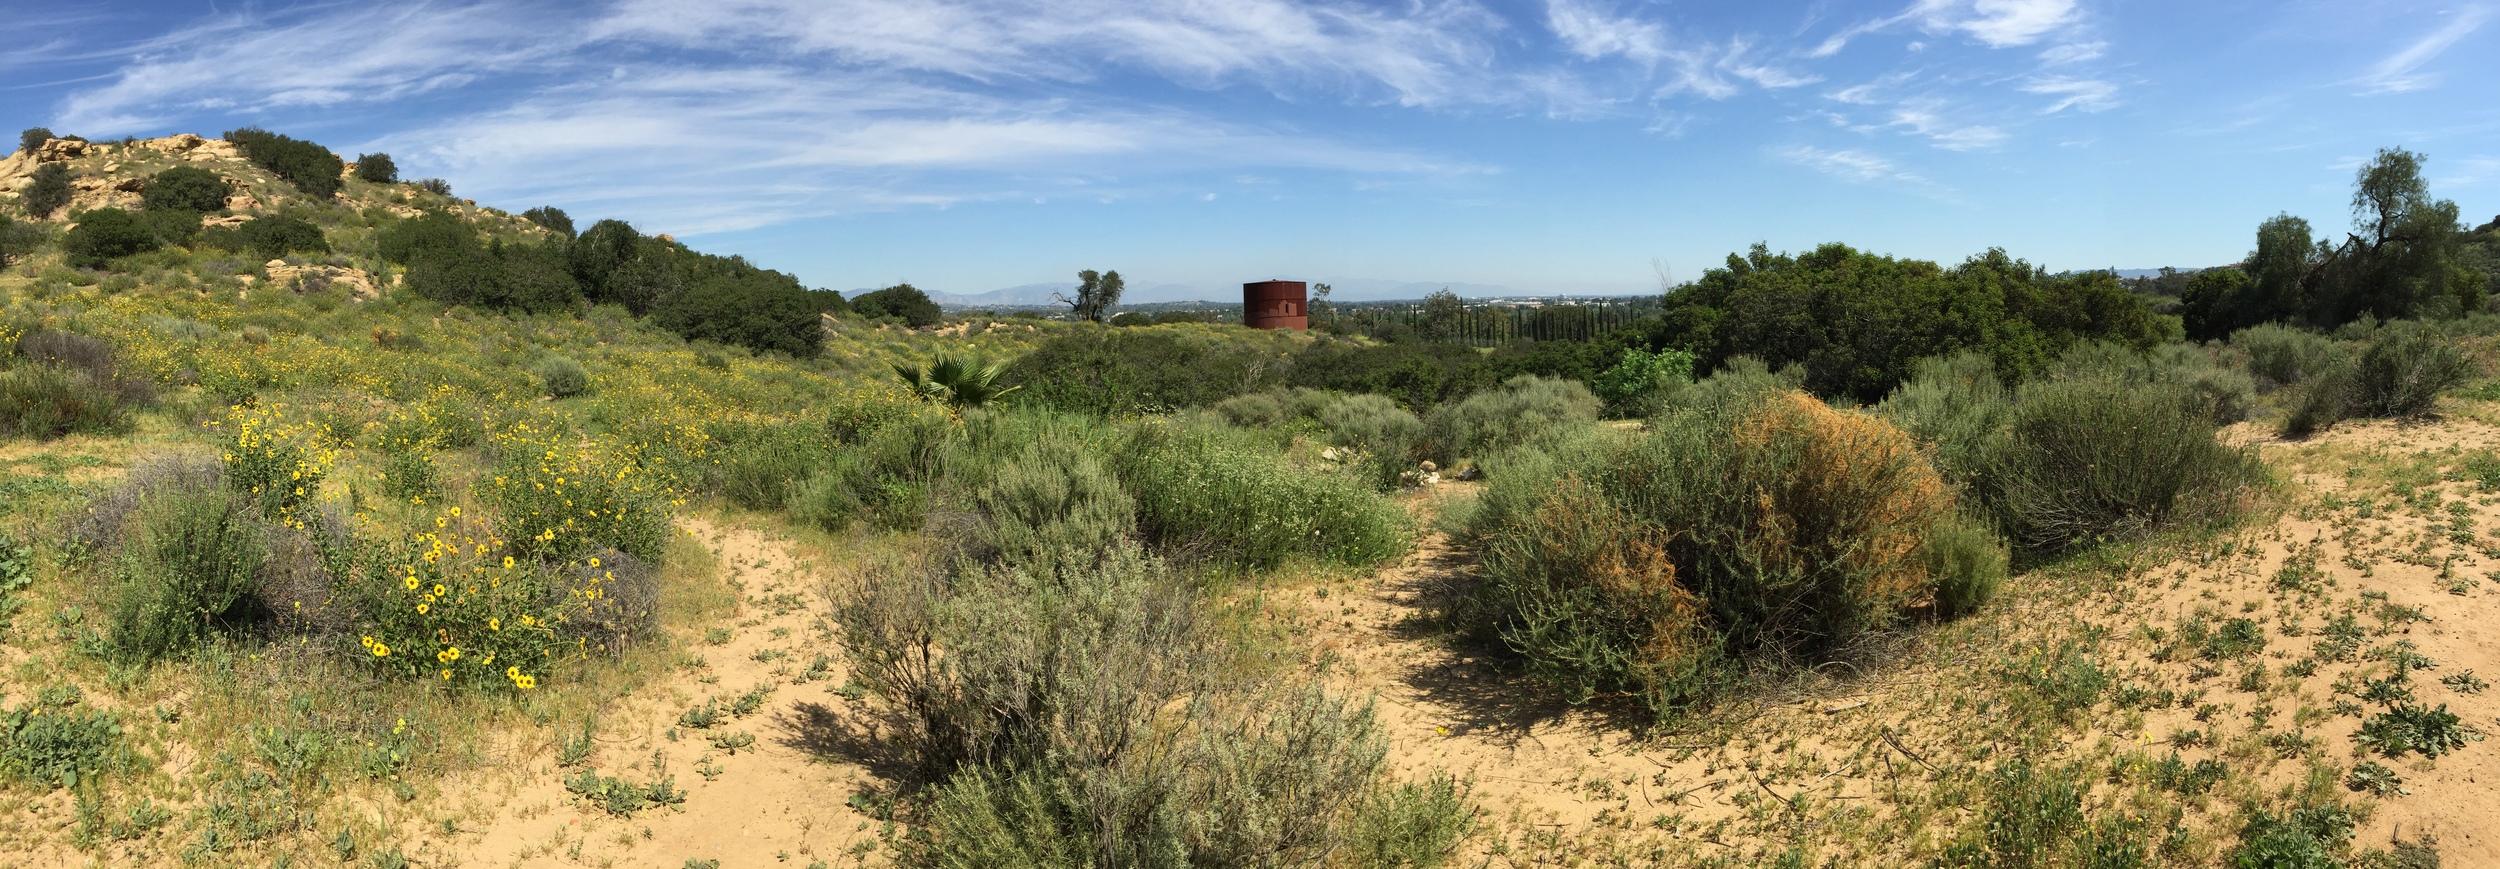 ostara-hike-blog